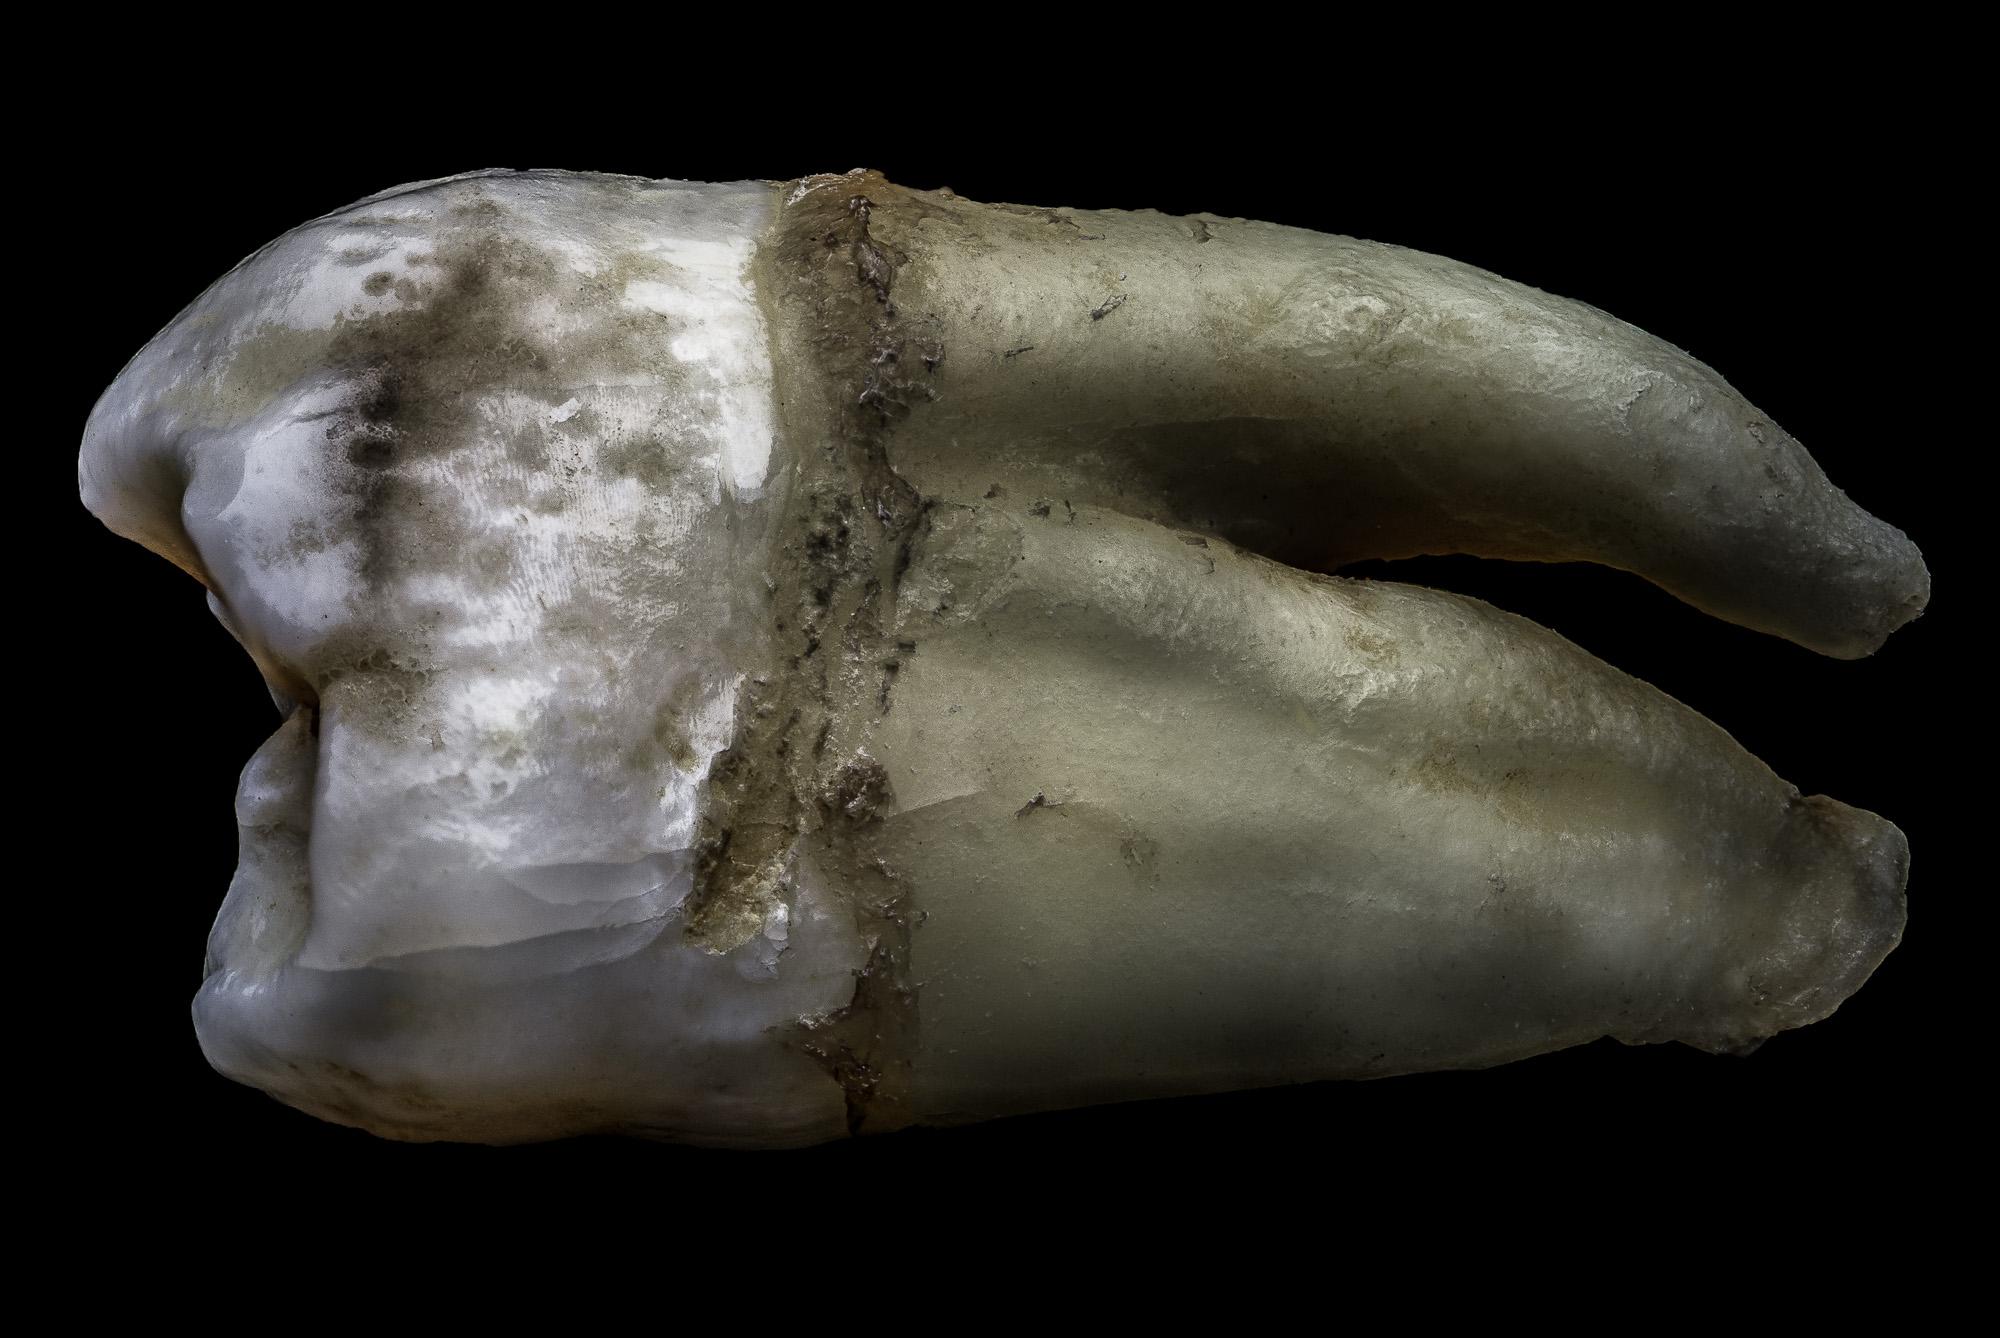 neal-auch-human-teeth-Nov-2018-4.jpg